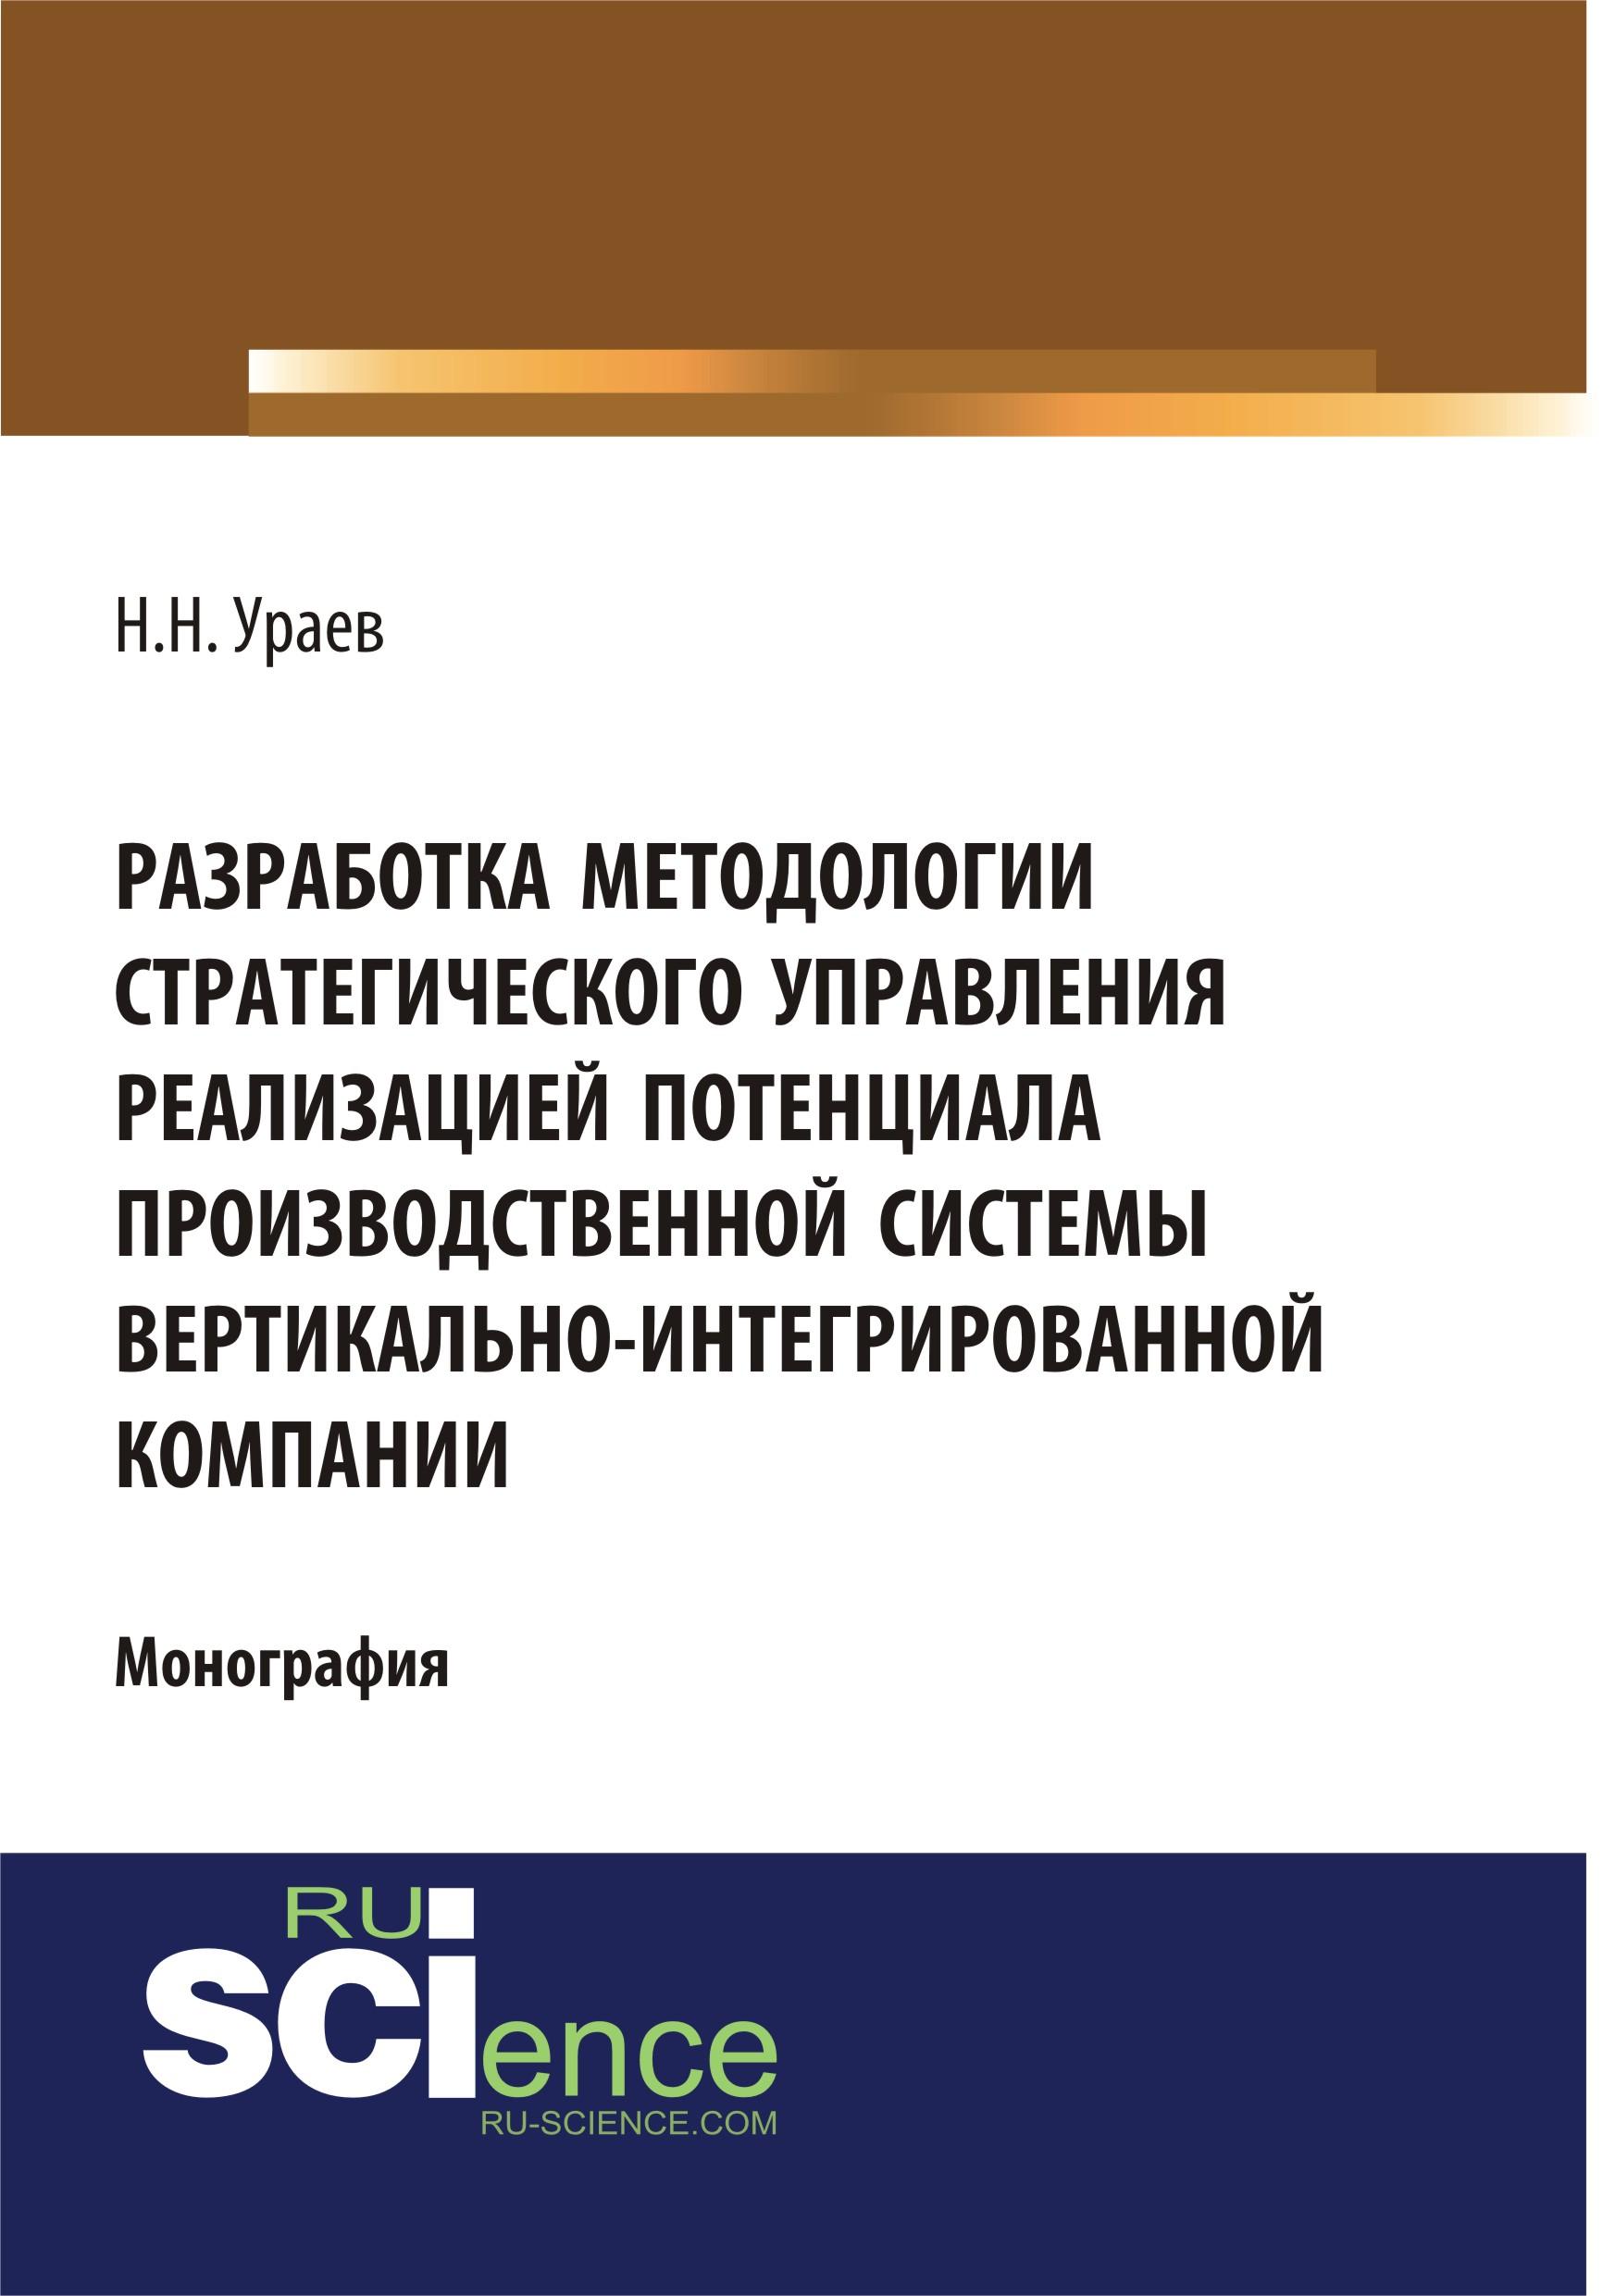 Разработка методологии стратегического управления реализацией потенциала производственной системы вертикально-интегрированной компании